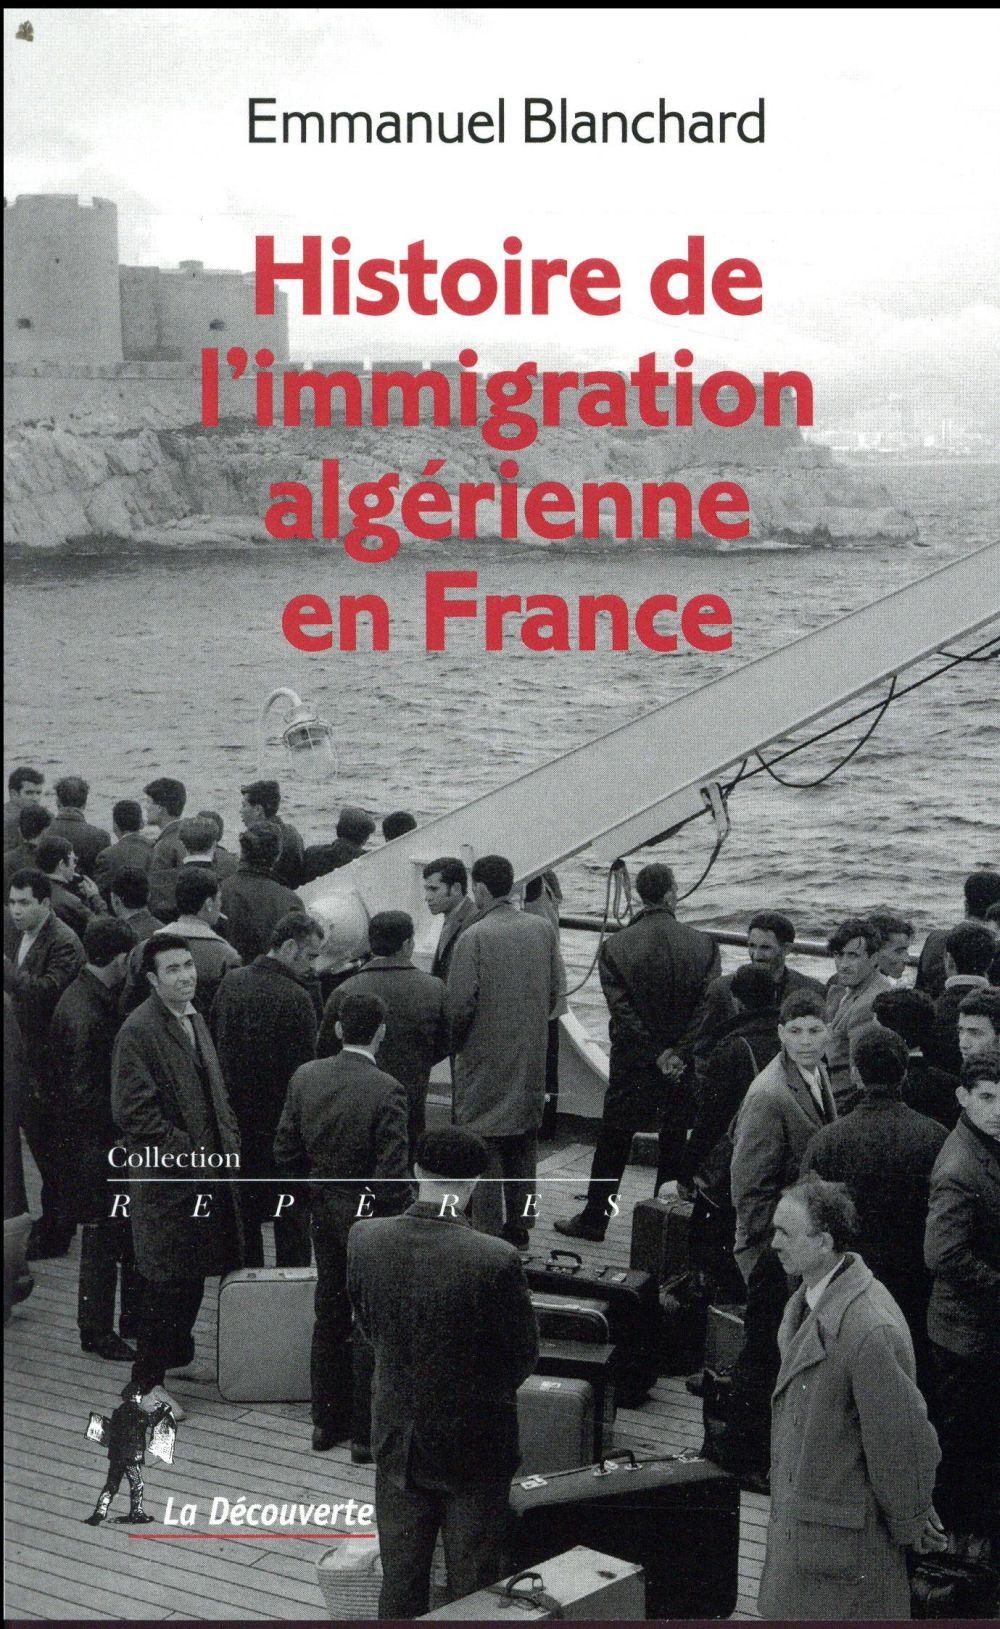 HISTOIRE DE L'IMMIGRATION ALGERIENNE EN FRANCE (1900-1990)